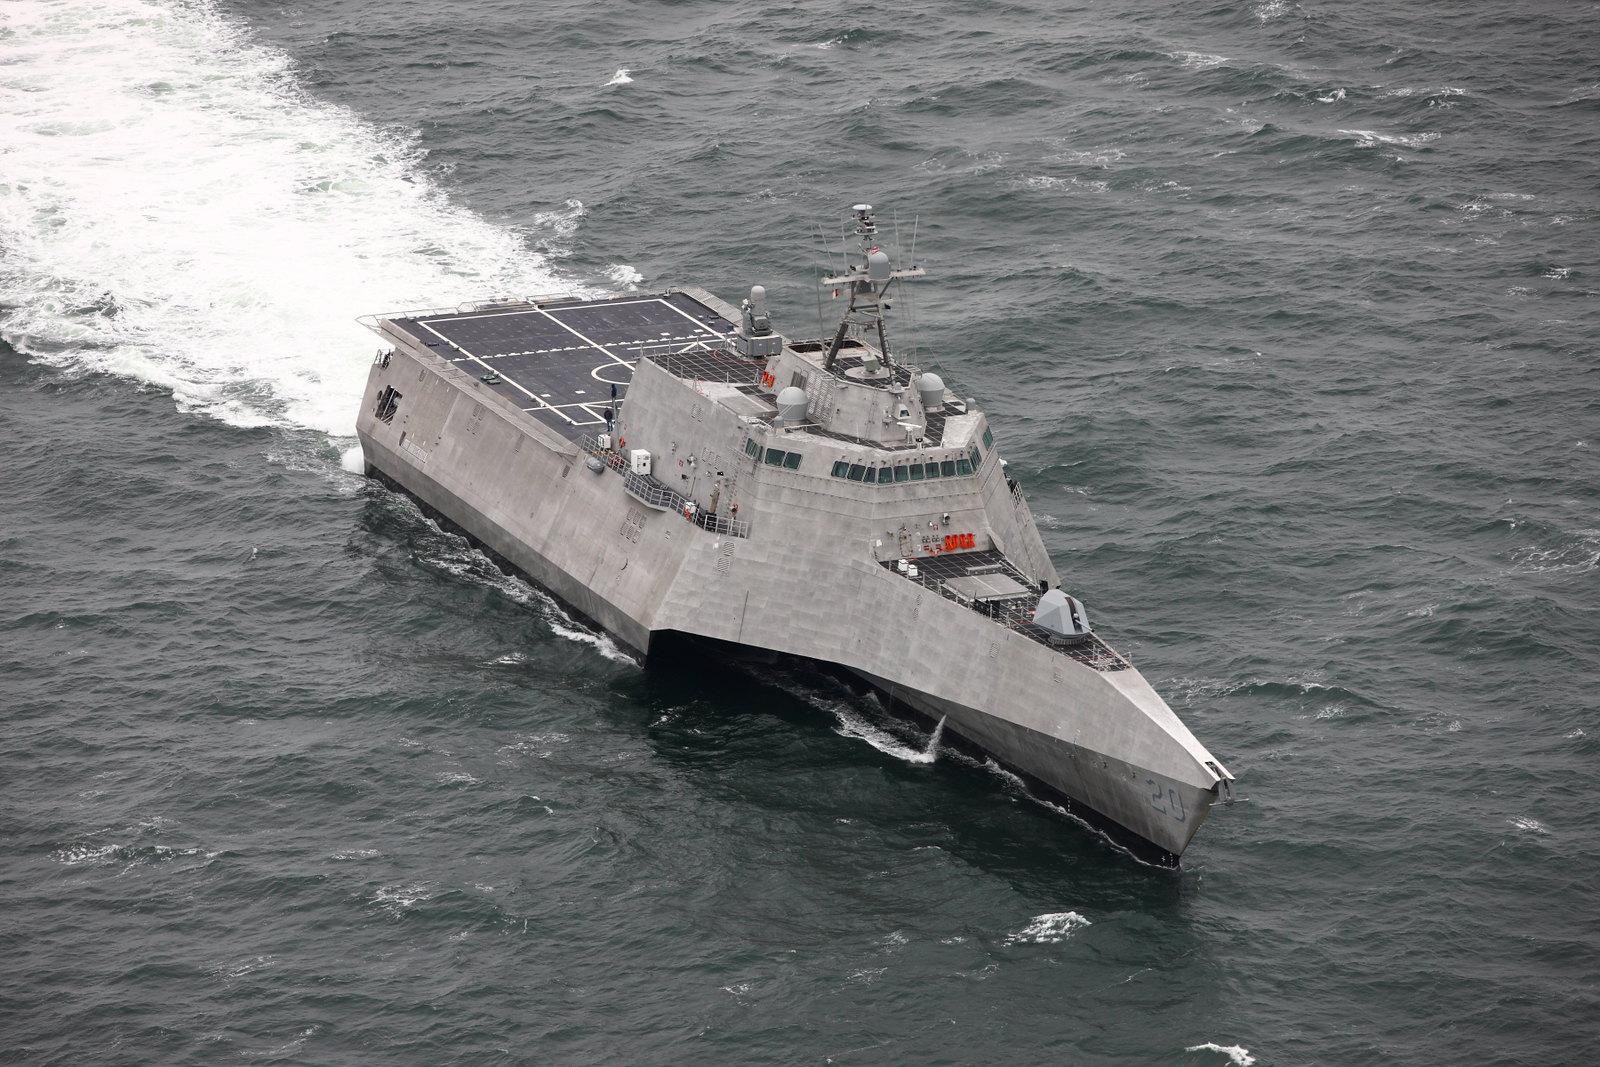 USS Cincinnati (LCS 20)